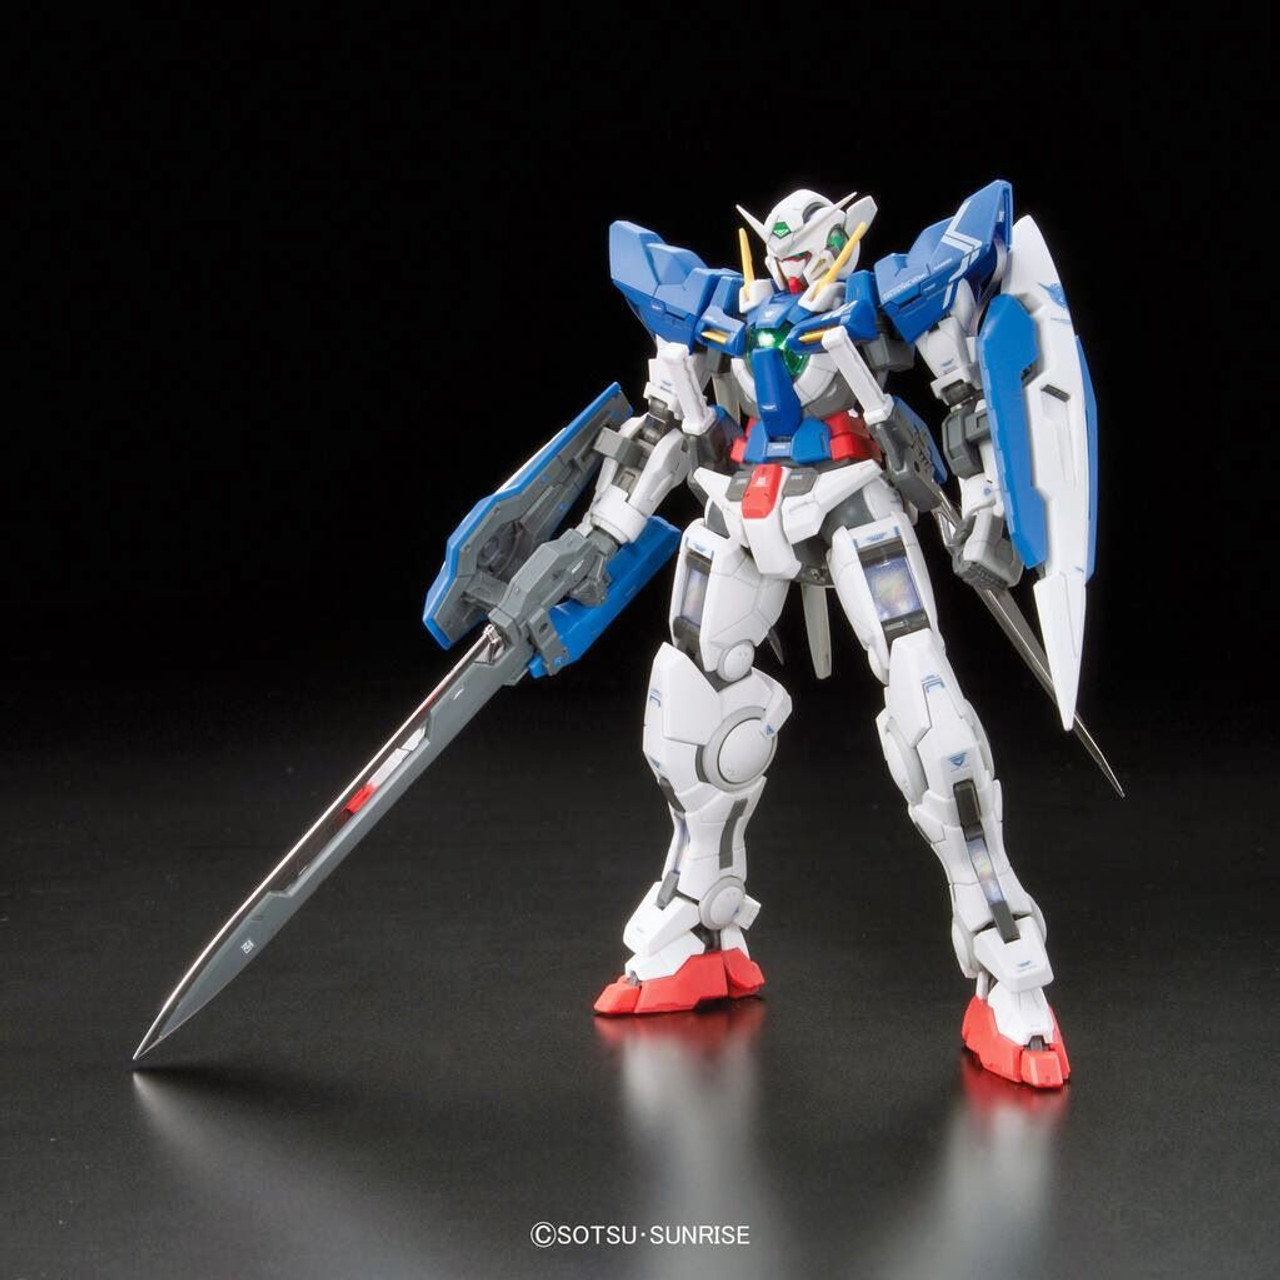 RG 1/144 Gundam Exia